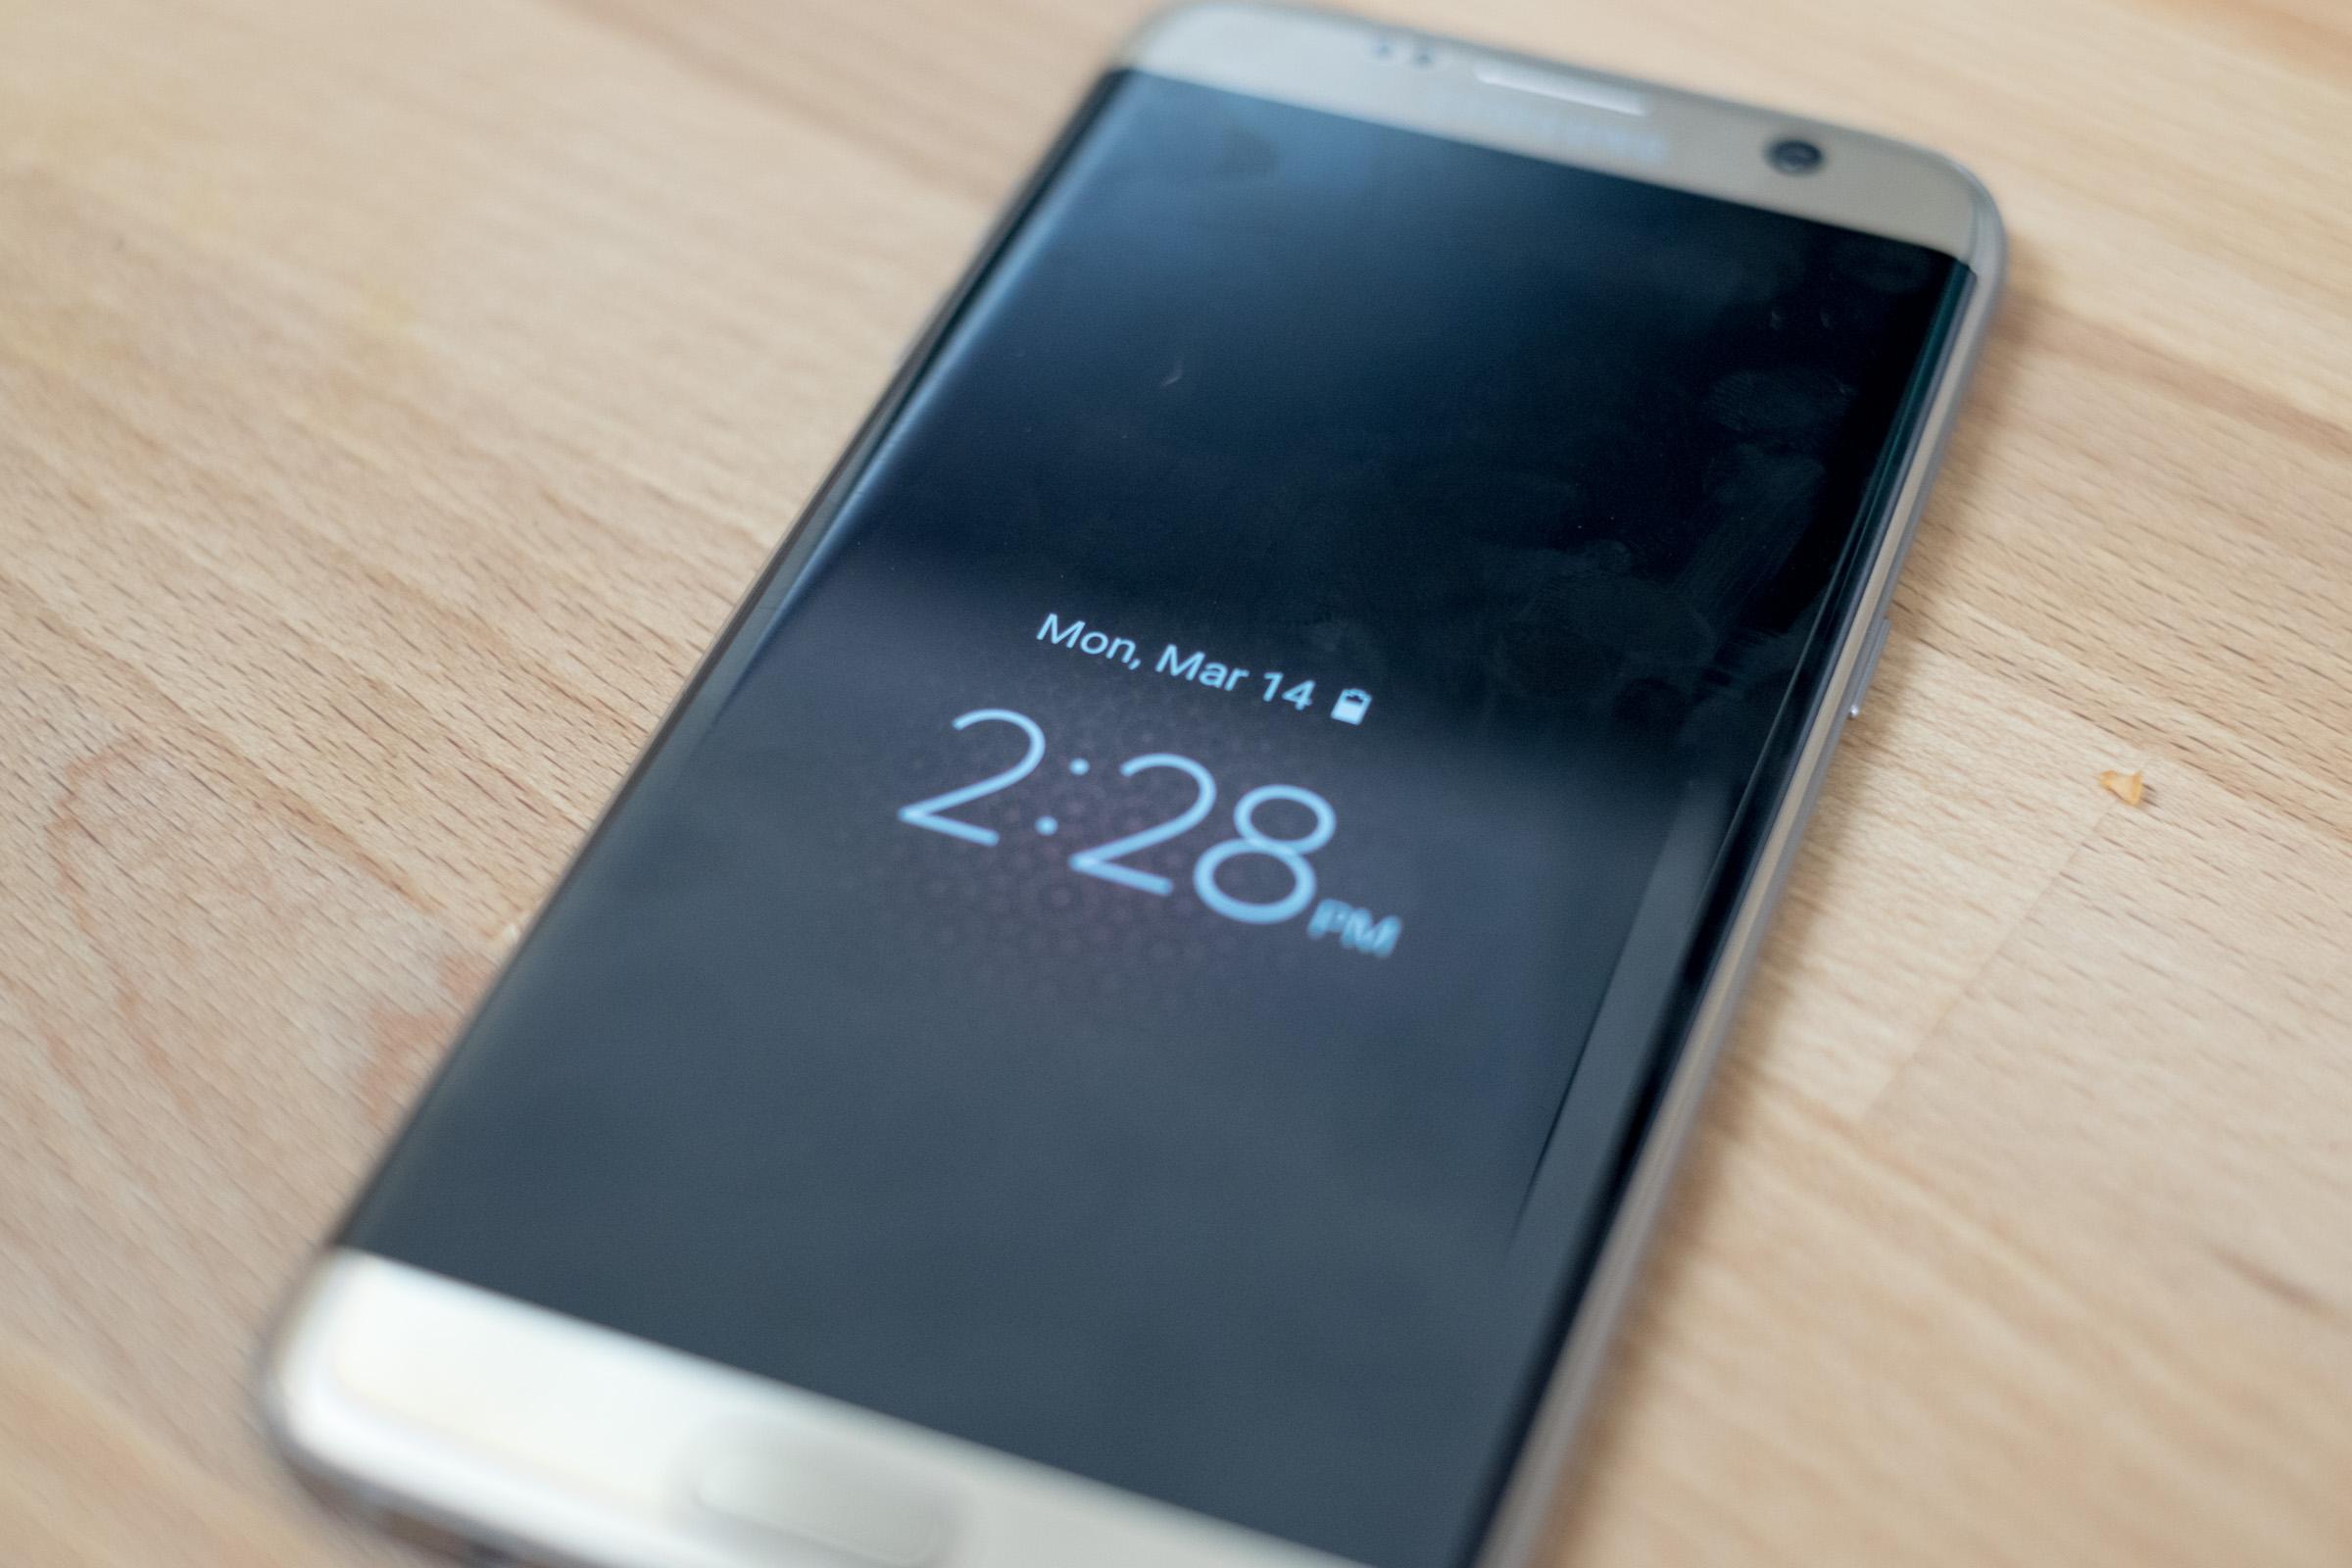 Always on display – что это такое в телефоне? включение и настройка